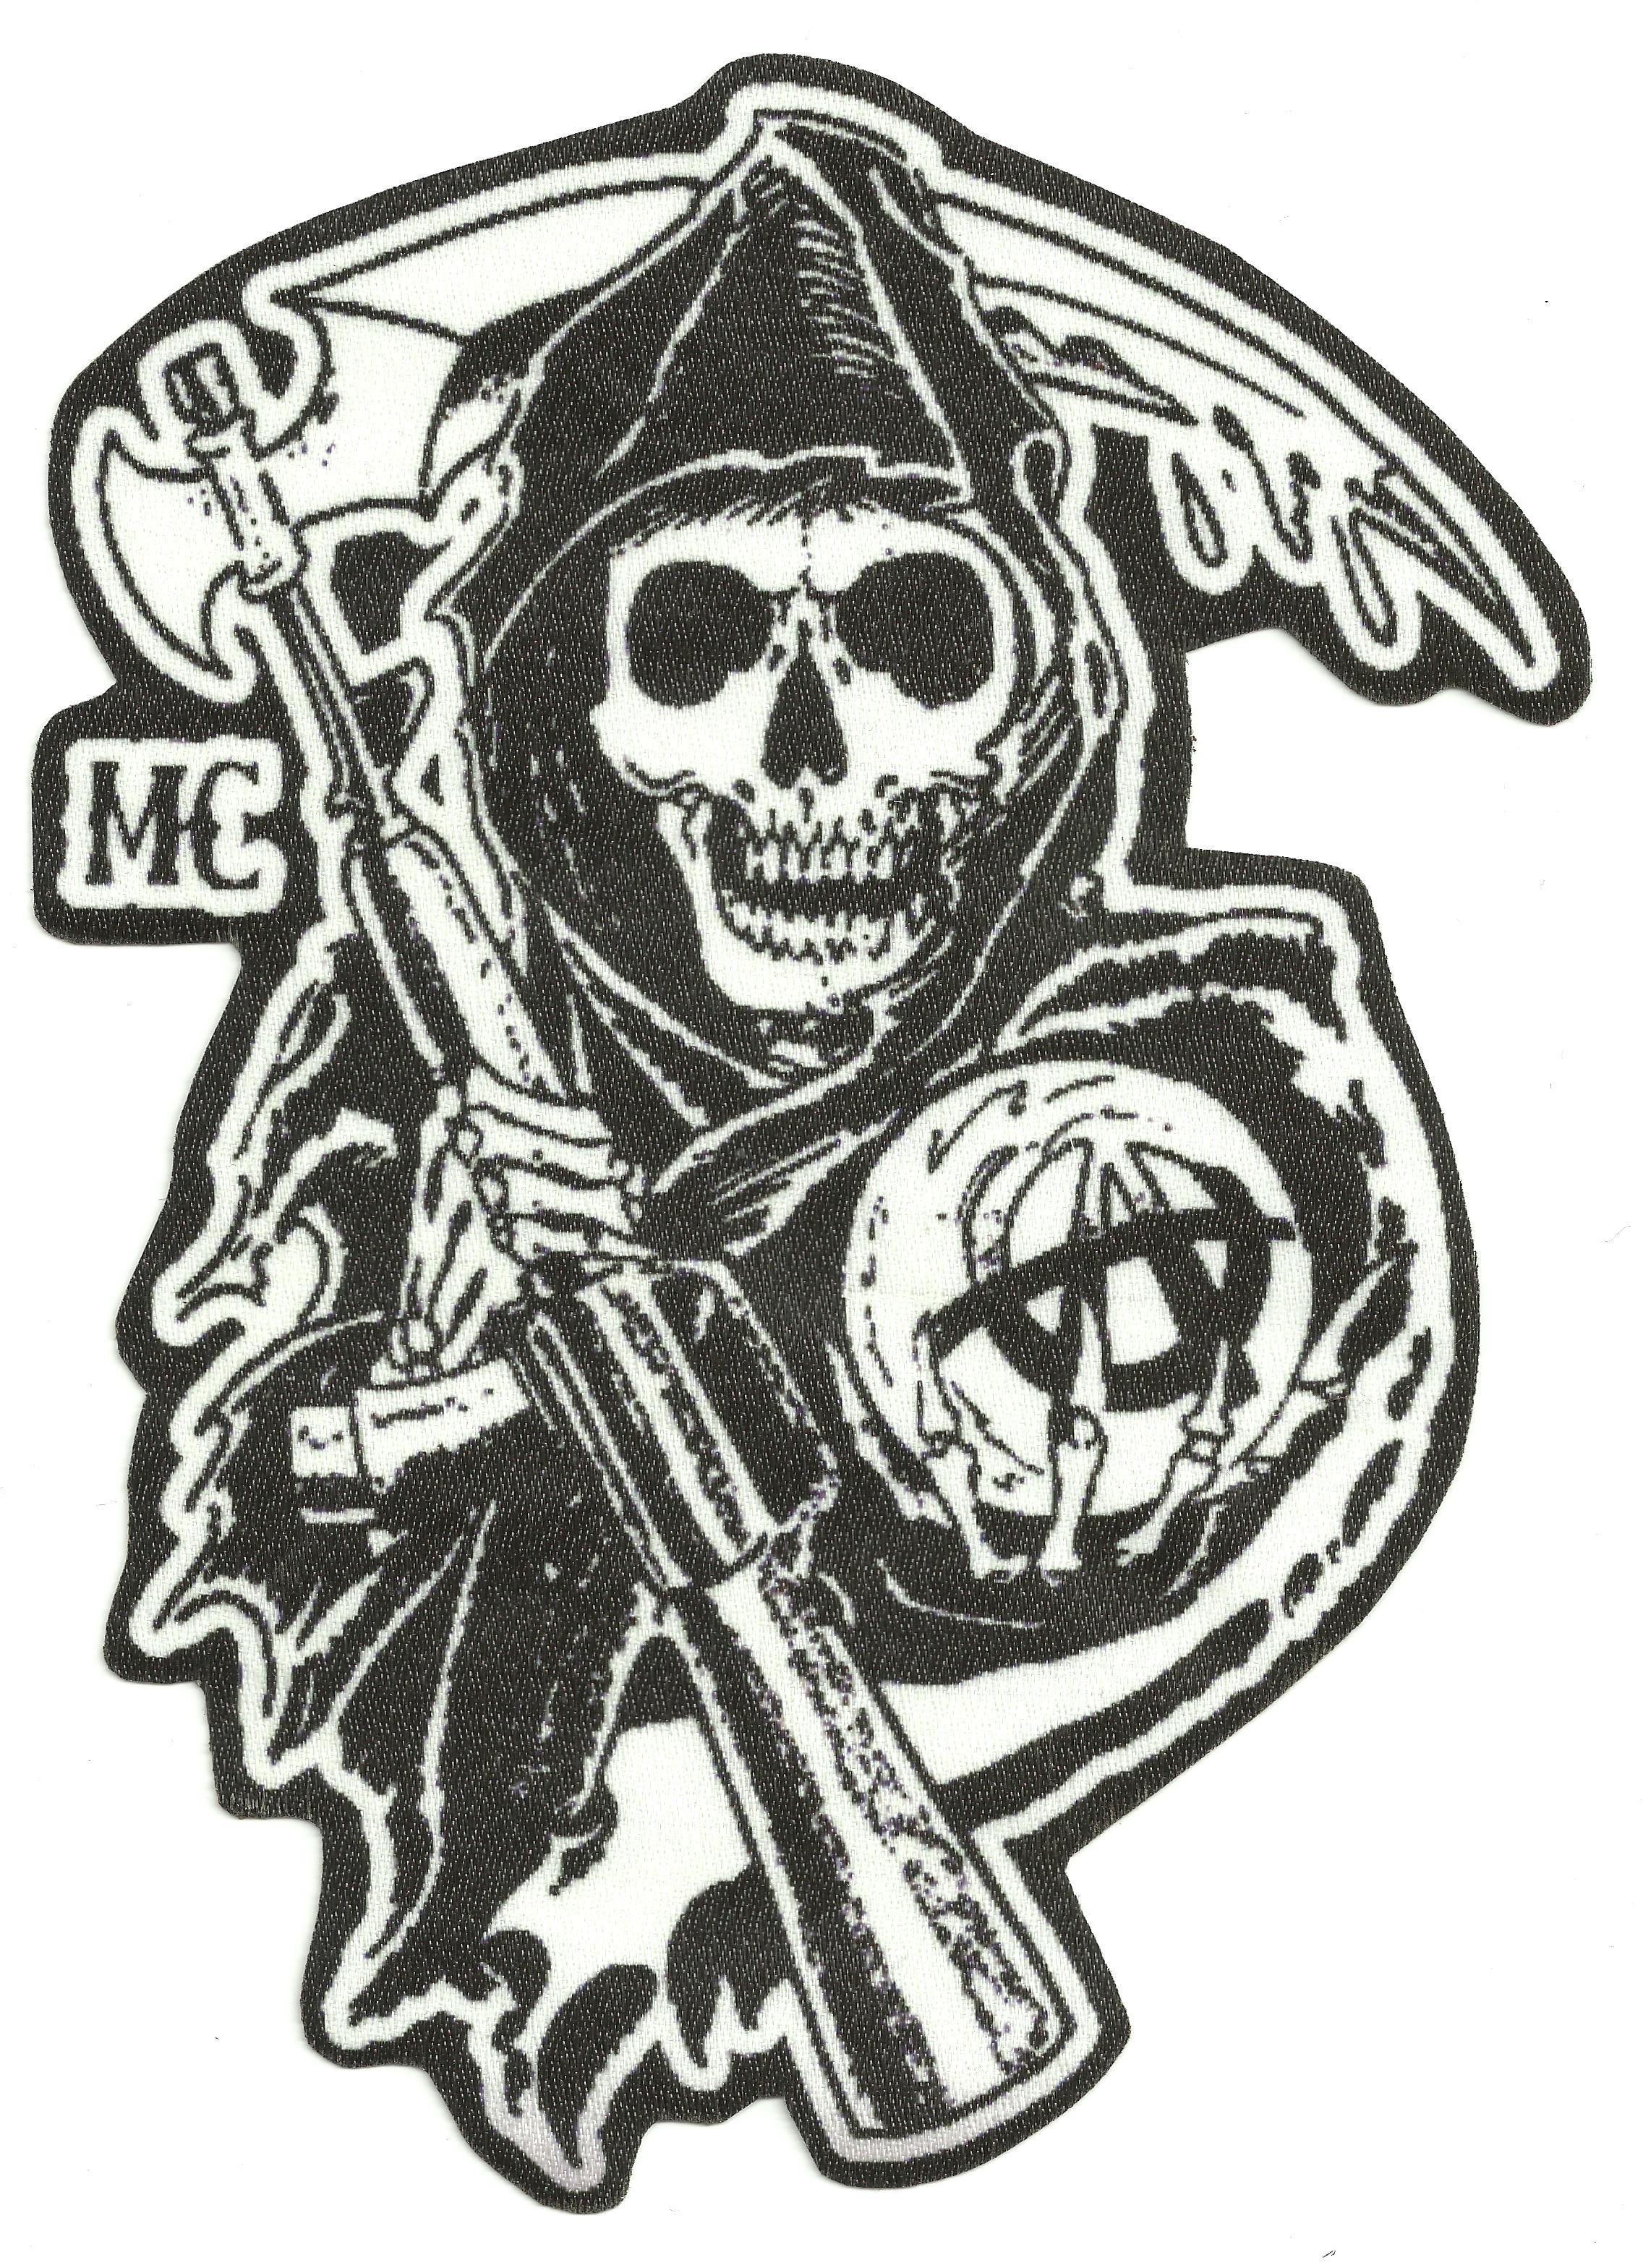 sons of anarchy patch en vente eBay